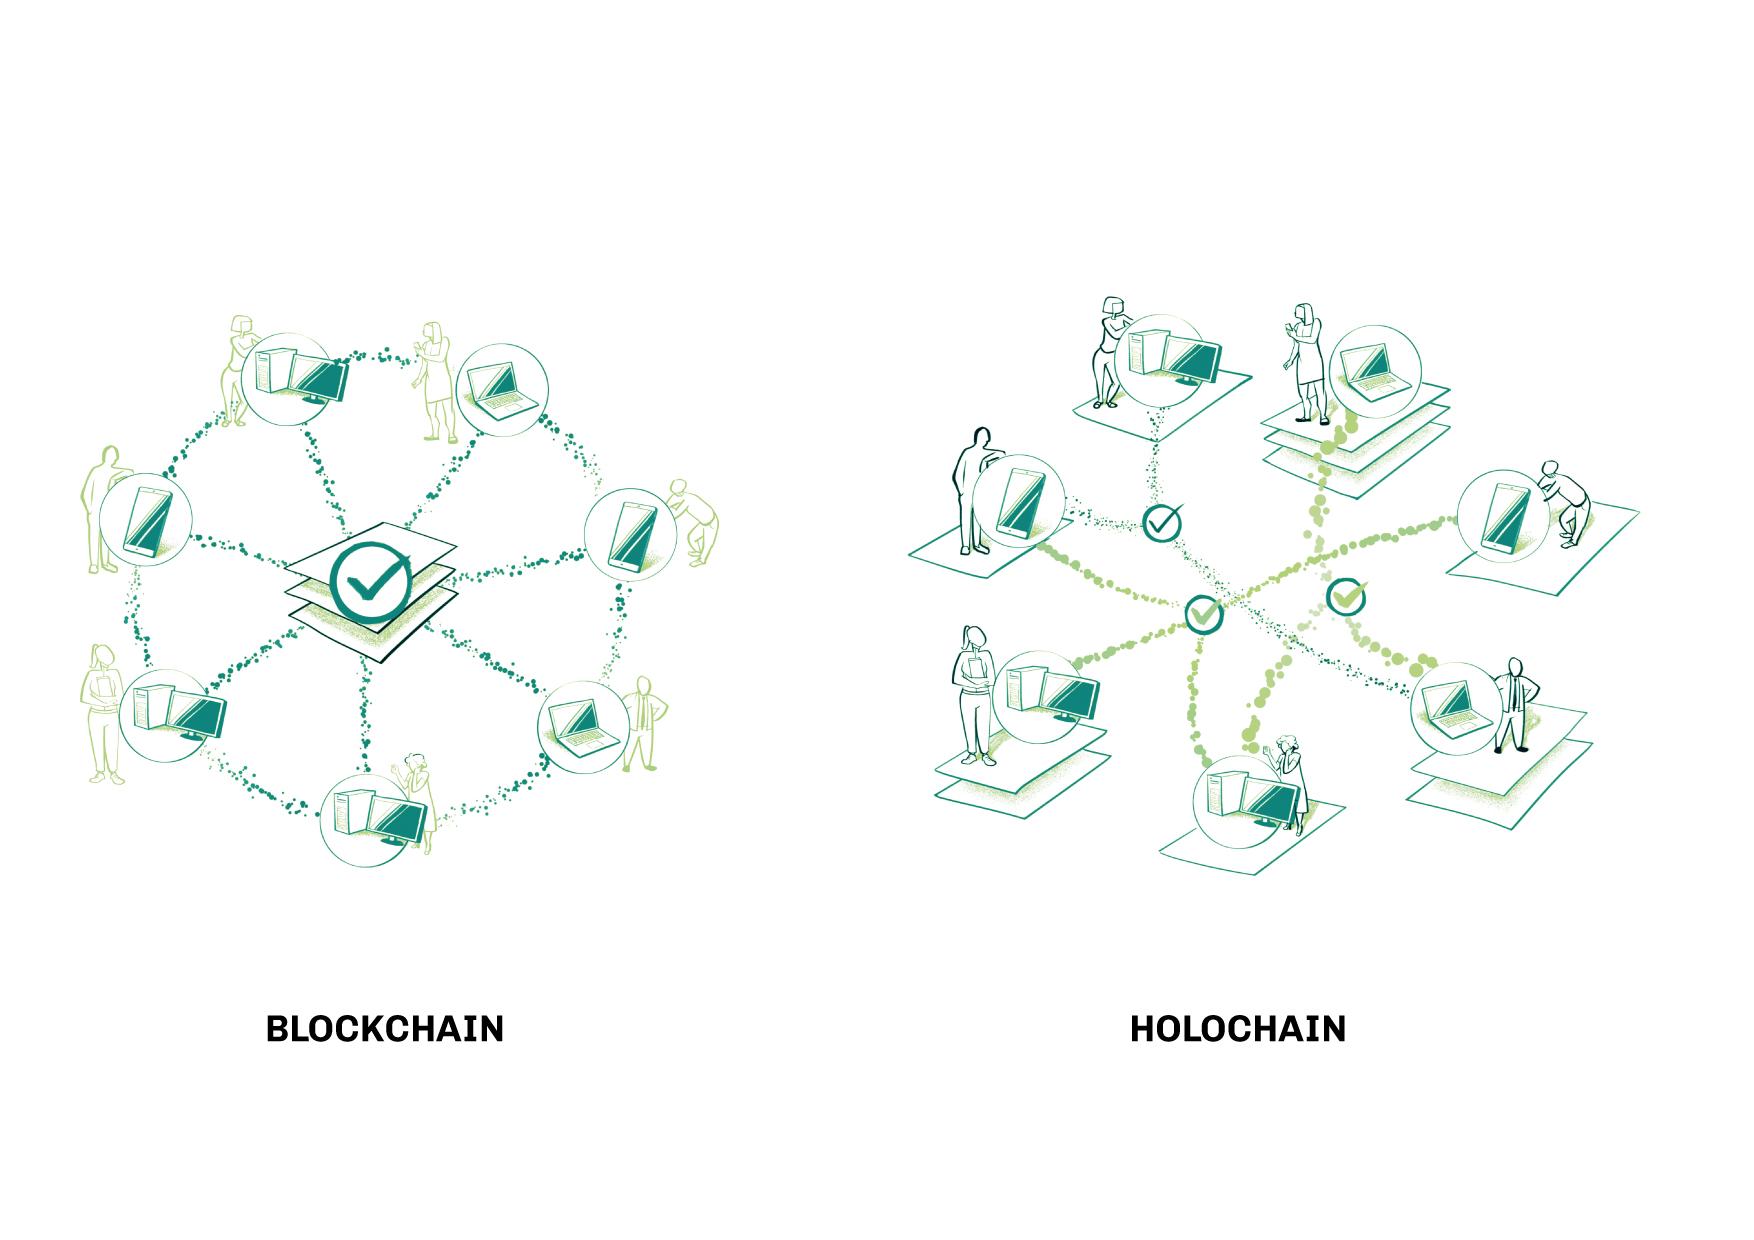 Holochain vs. Blockchain